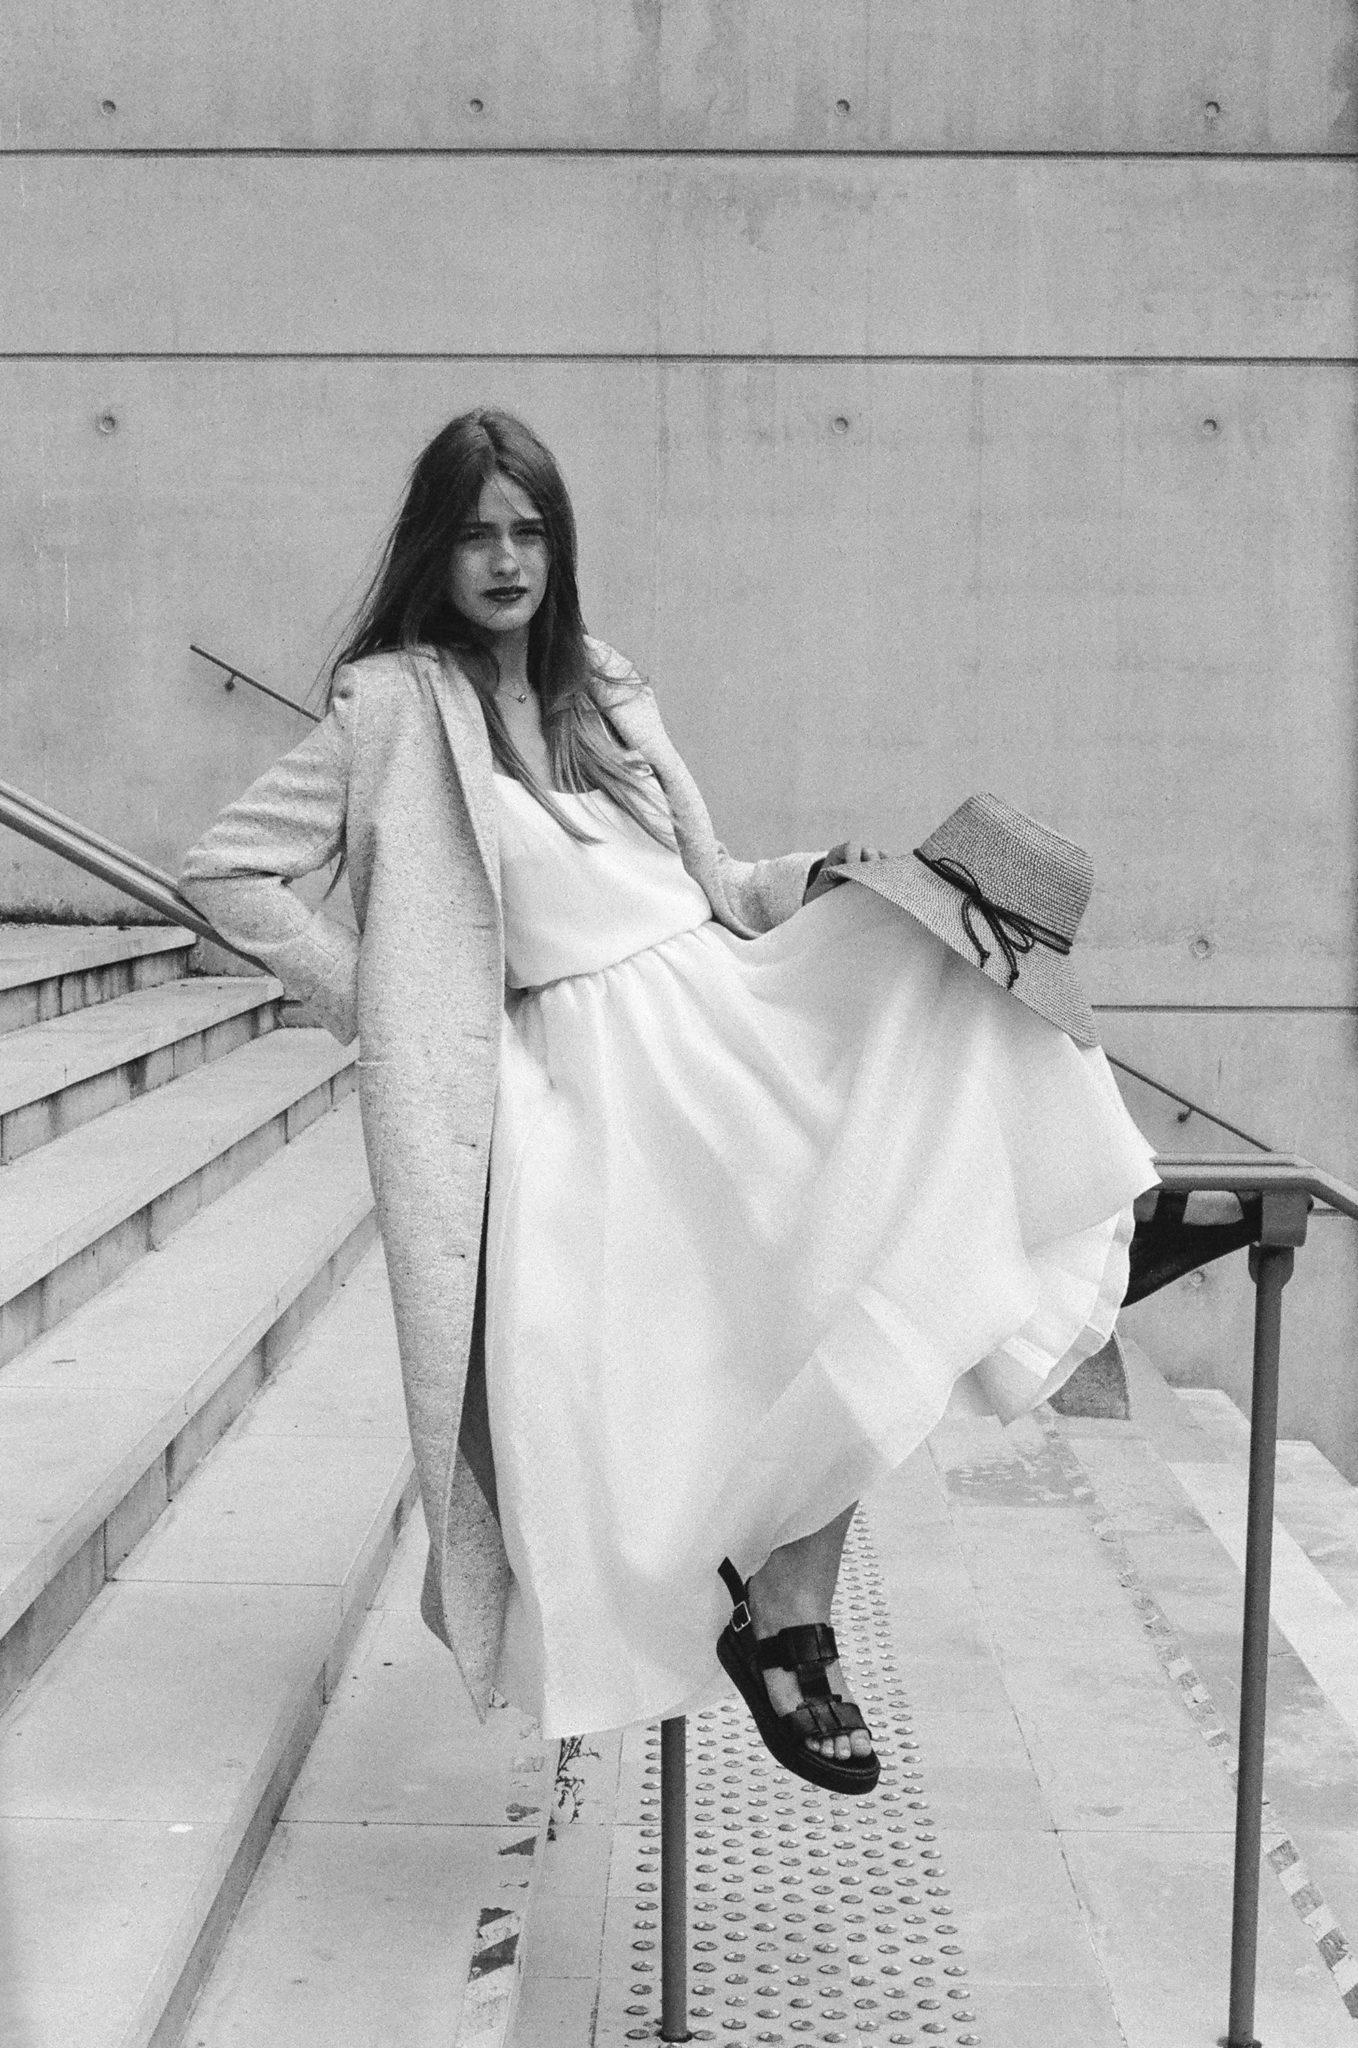 Le Wedding Urban Brides top jupe et veste Laure de Sagazan manteau Swildens Presqu'îleCaen